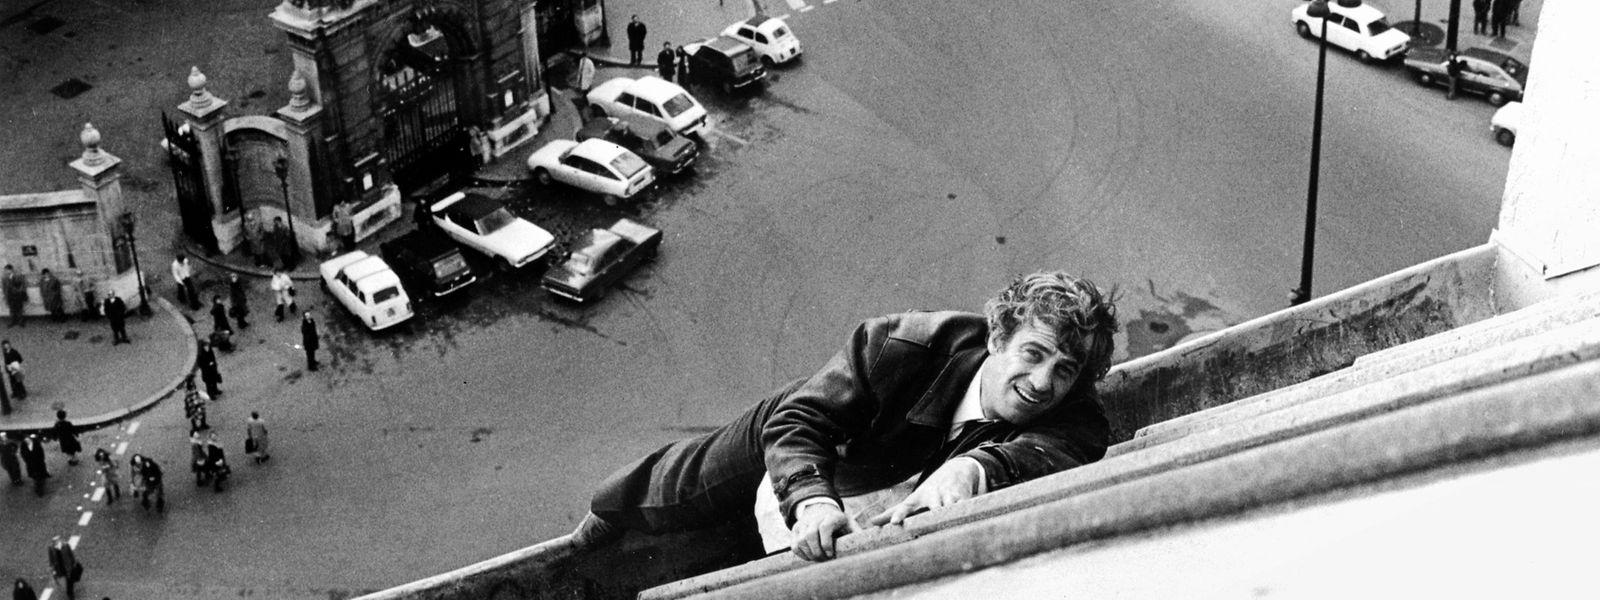 """Dieses am 8. April 1975 in Paris aufgenommene Foto zeigt den französischen Schauspieler Jean-Paul Belmondo auf einem Pariser Dach während der Dreharbeiten zu """"Peur sur la ville"""" unter der Regie von Henri Verneuil."""